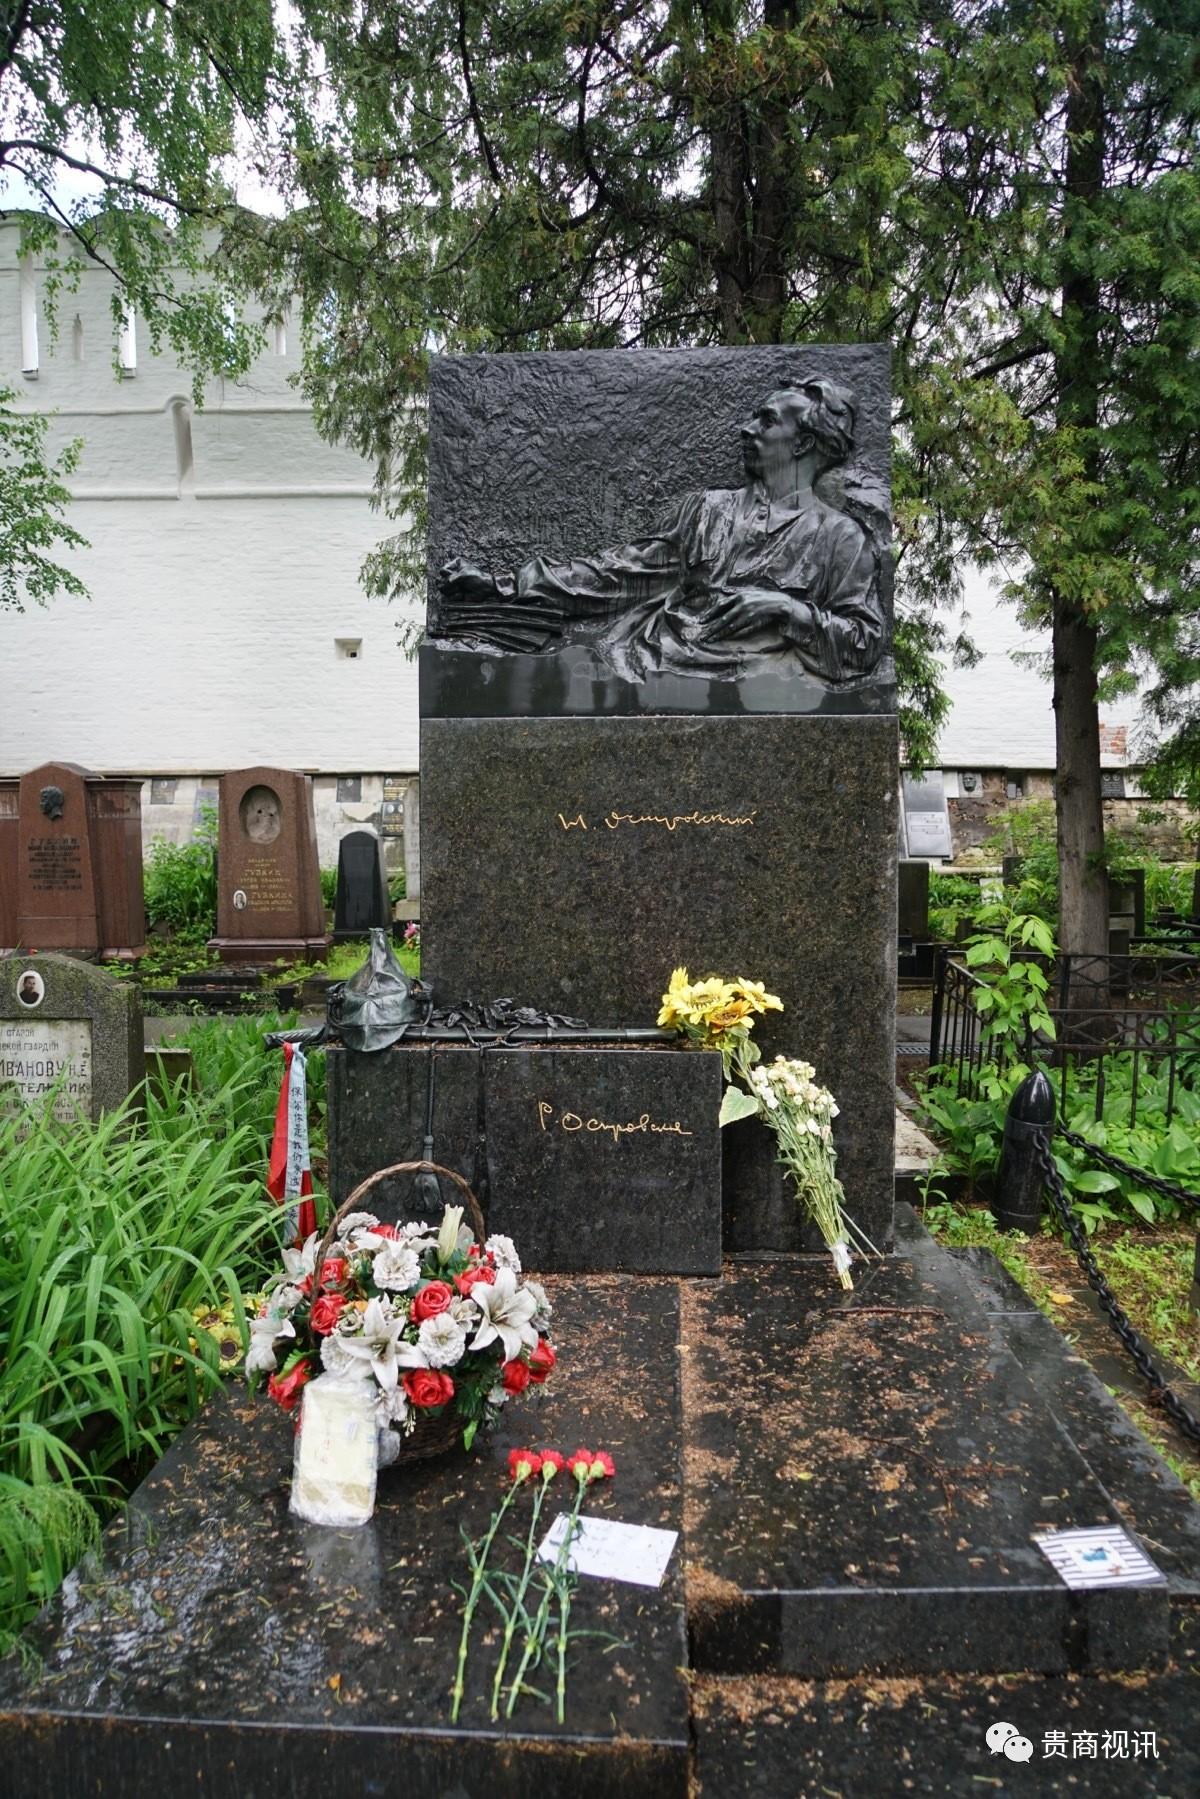 《钢铁是怎样炼成的》的作者――奥斯特洛夫斯基  他在病床上完成了这部巨著,墓碑是一只手放在书稿上,饱受疾病折磨的身体微微抬起,眼睛凝视着远方。下面还雕刻着,伴随了他大半生的军帽和马刀。